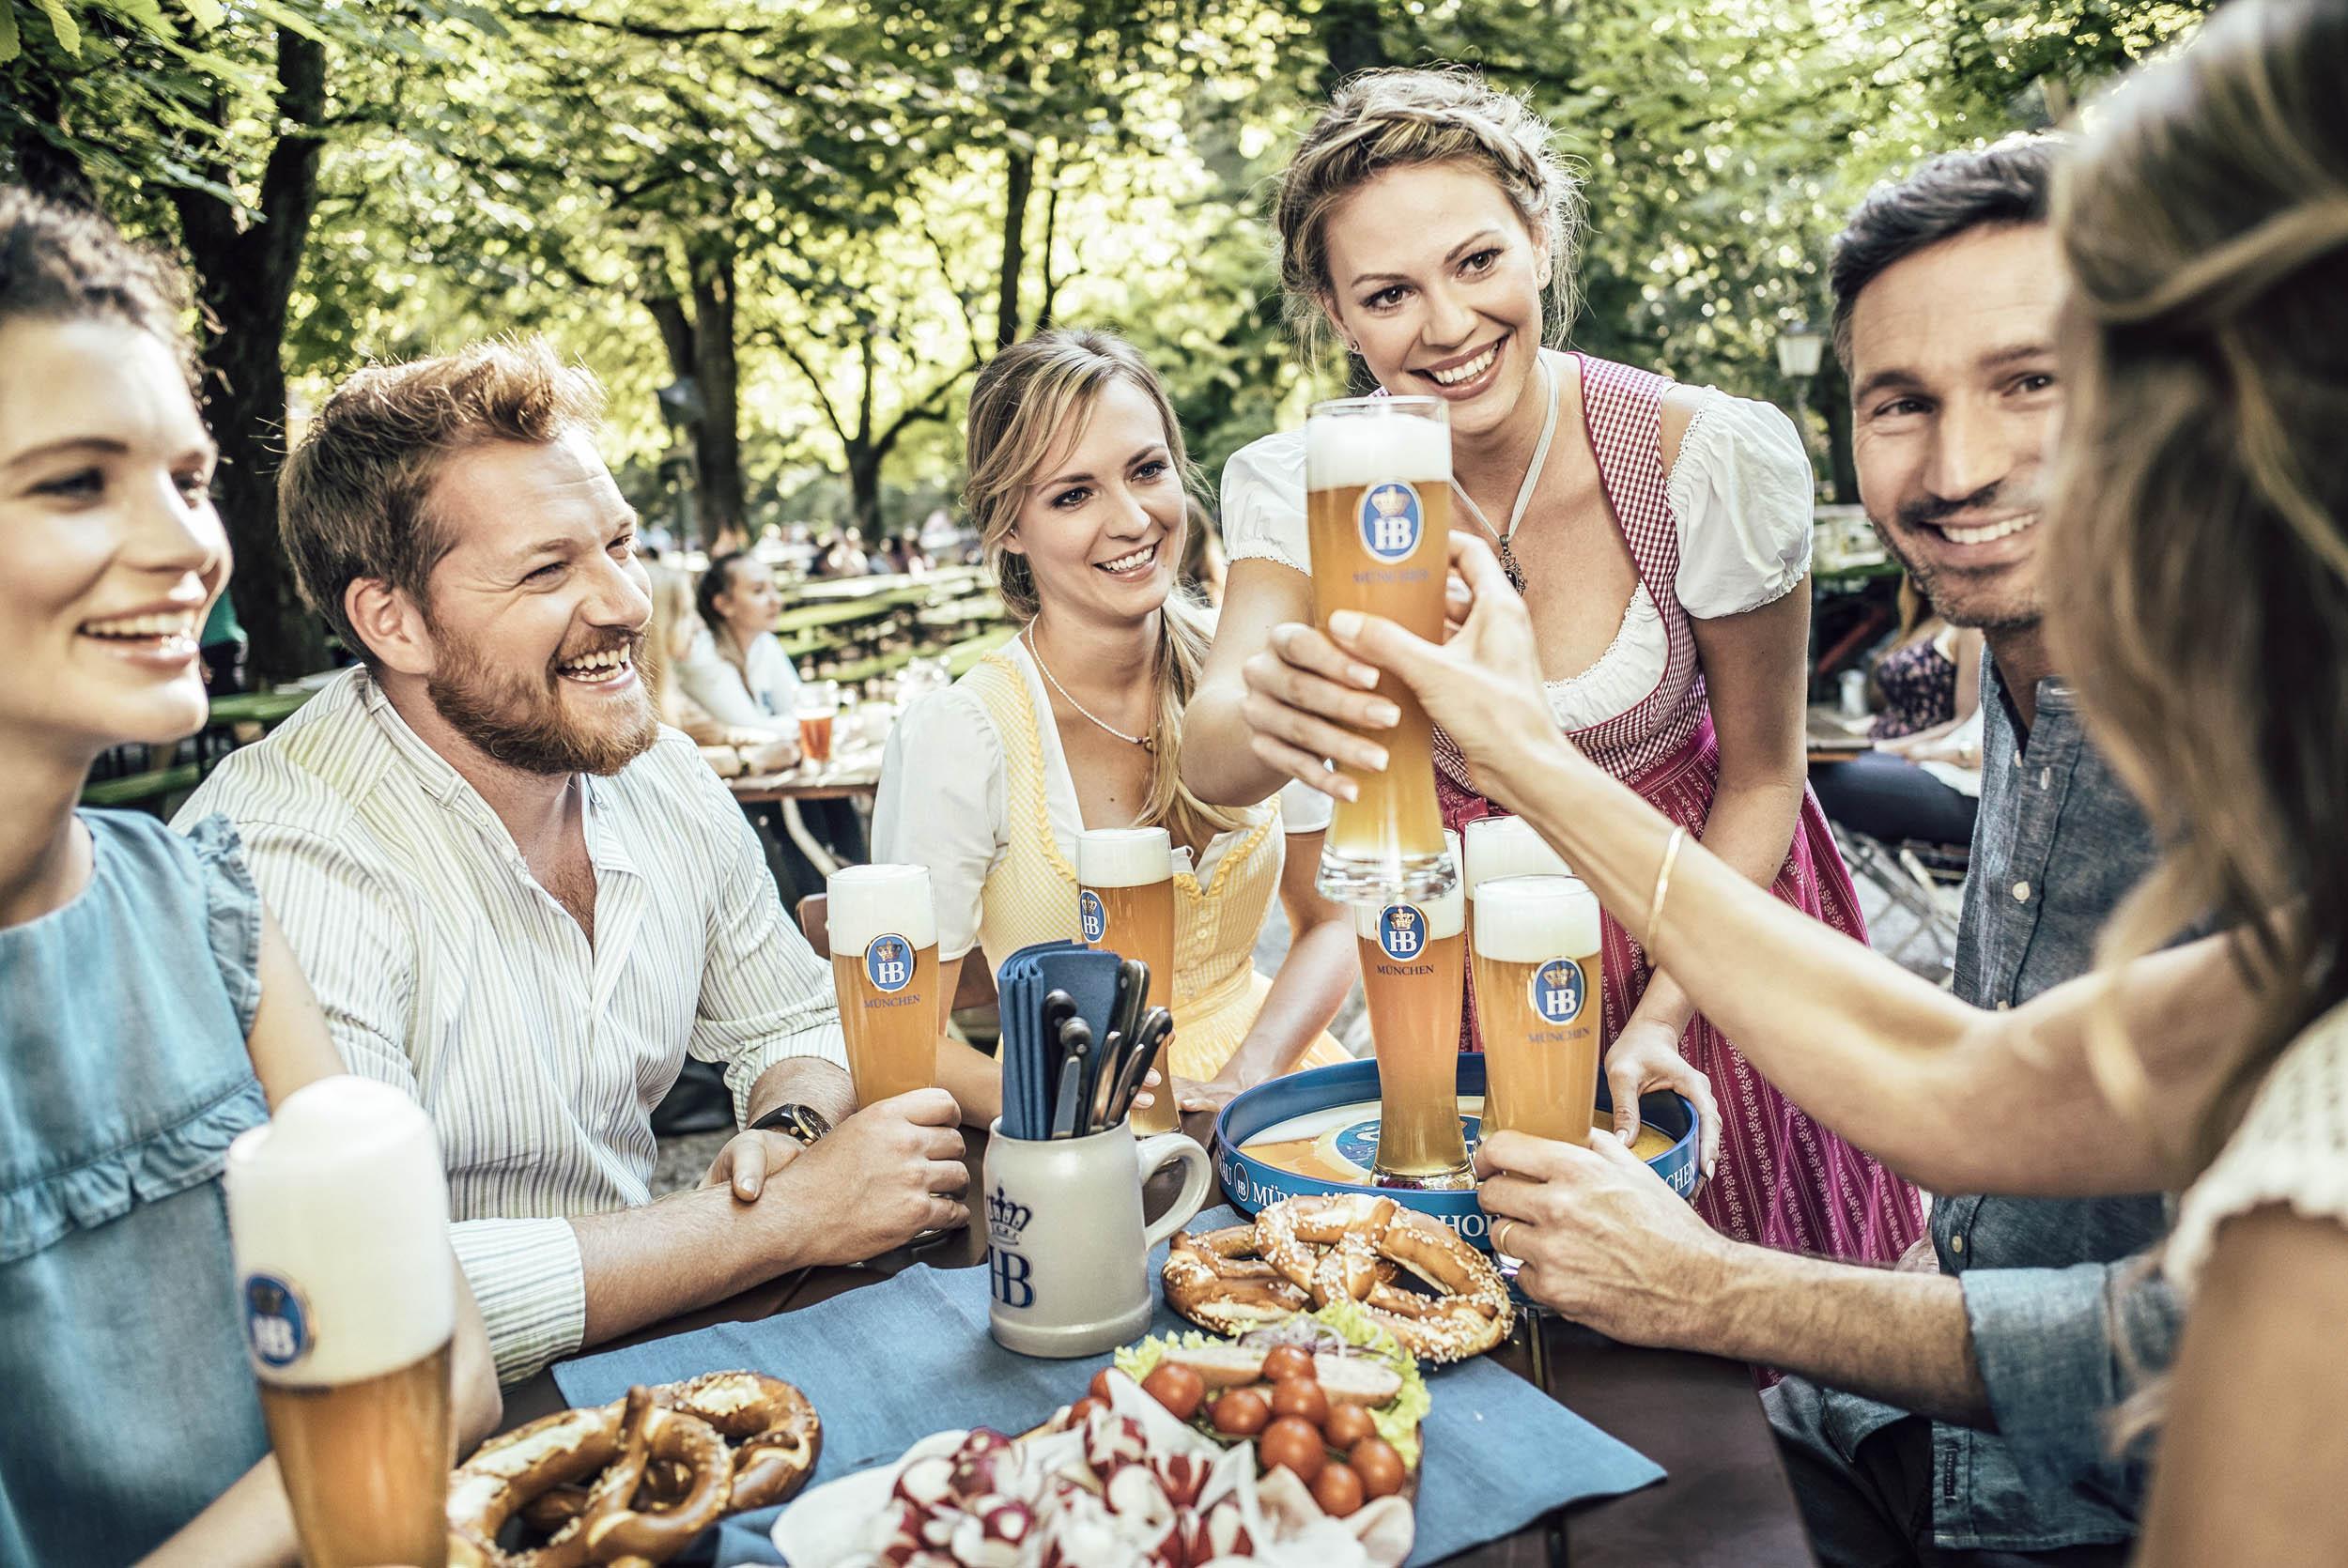 seifertuebler-lifestyle-hofbraeu-muenchen-oktoberfest-beer-13.jpg